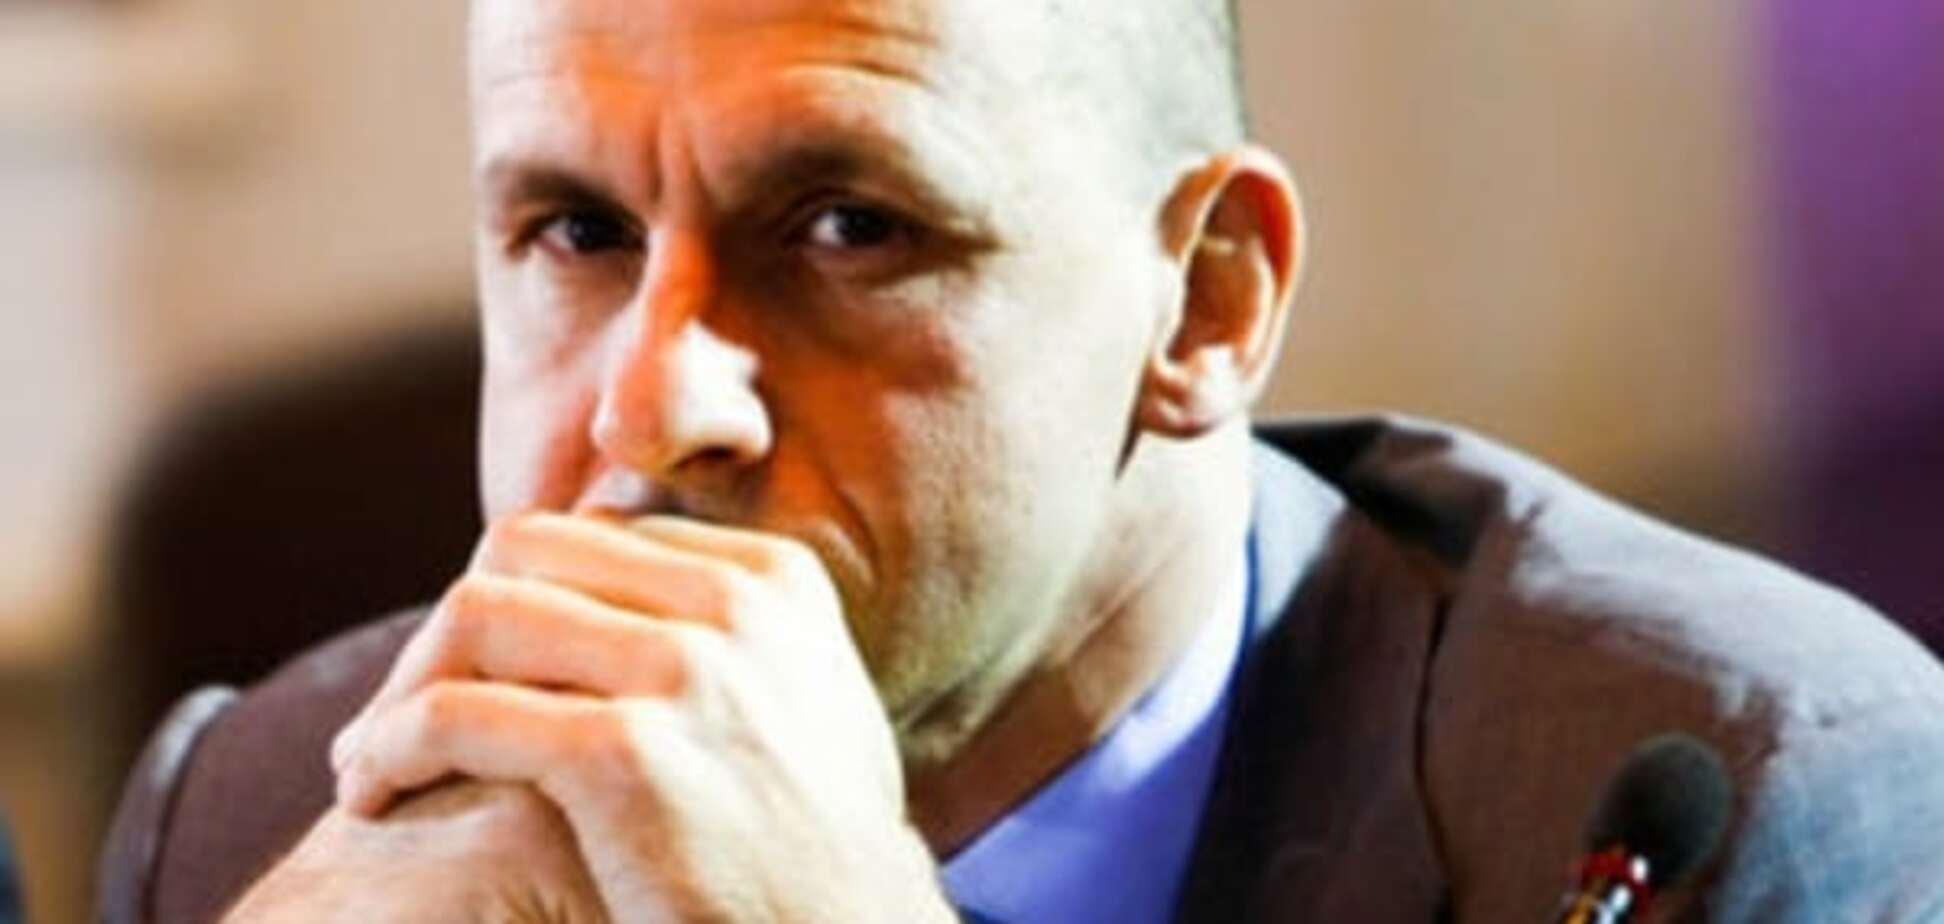 Ціна питання - майже мільярд: у Москві заочно заарештували олігарха Григоришина